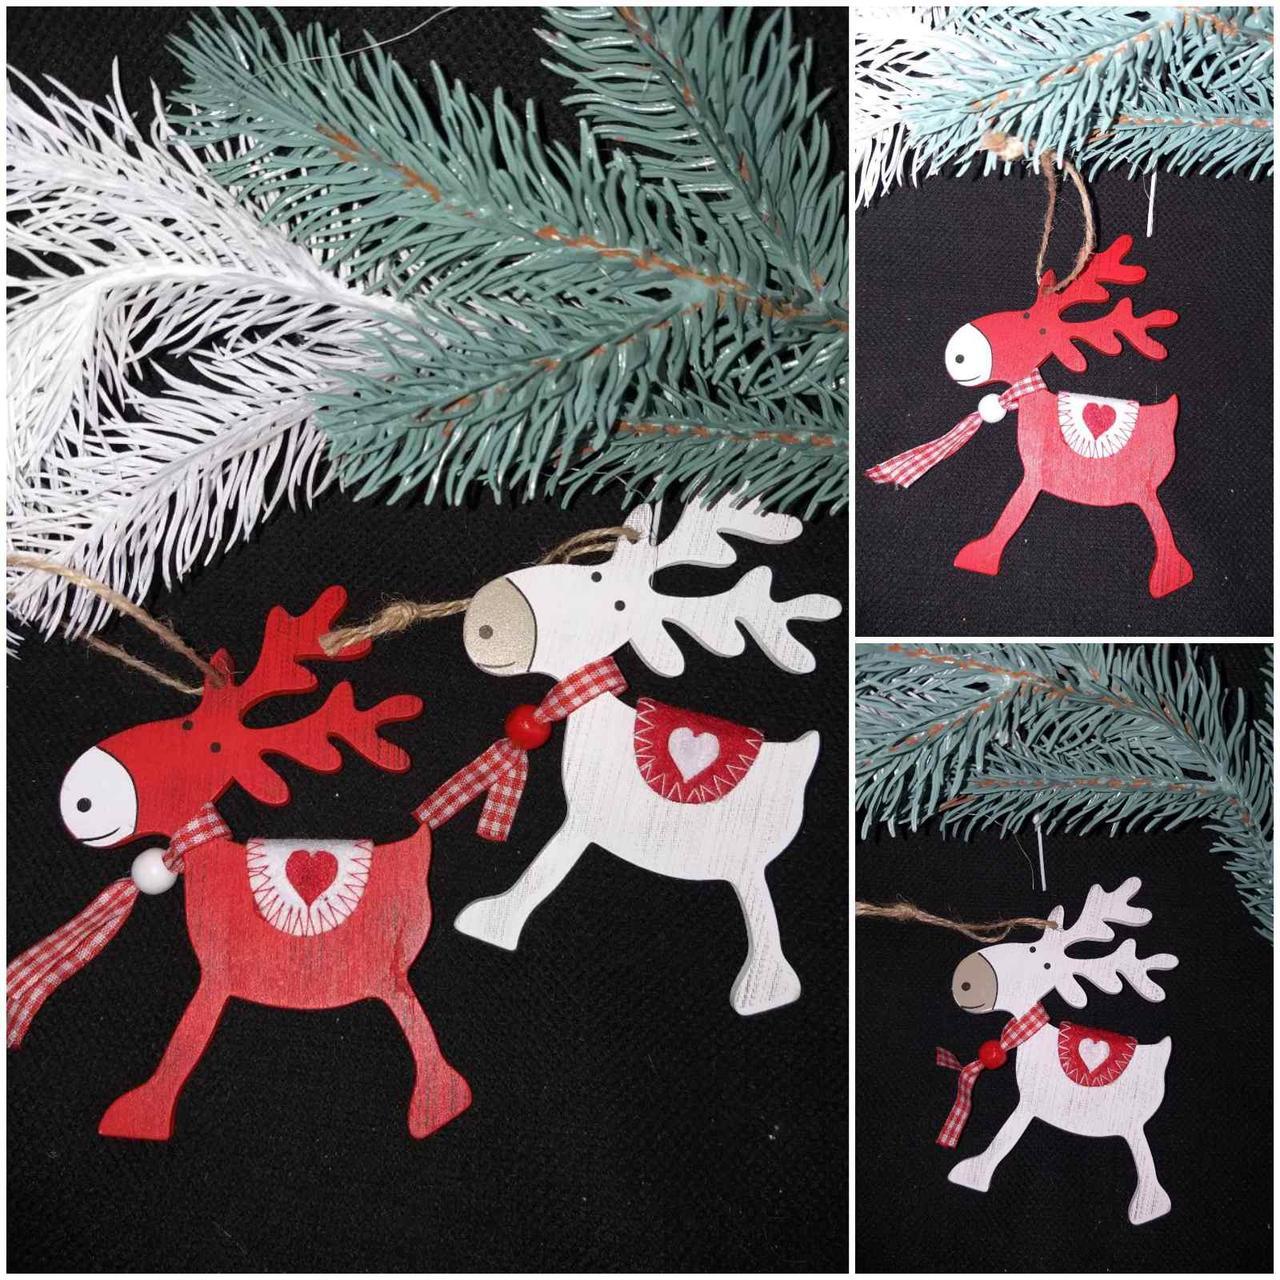 """Подвеска новогодняя """"Олень с седлом"""", дерево, выс. около 12.5 см., 35/25 (цена за 1 шт. + 10 гр.)"""